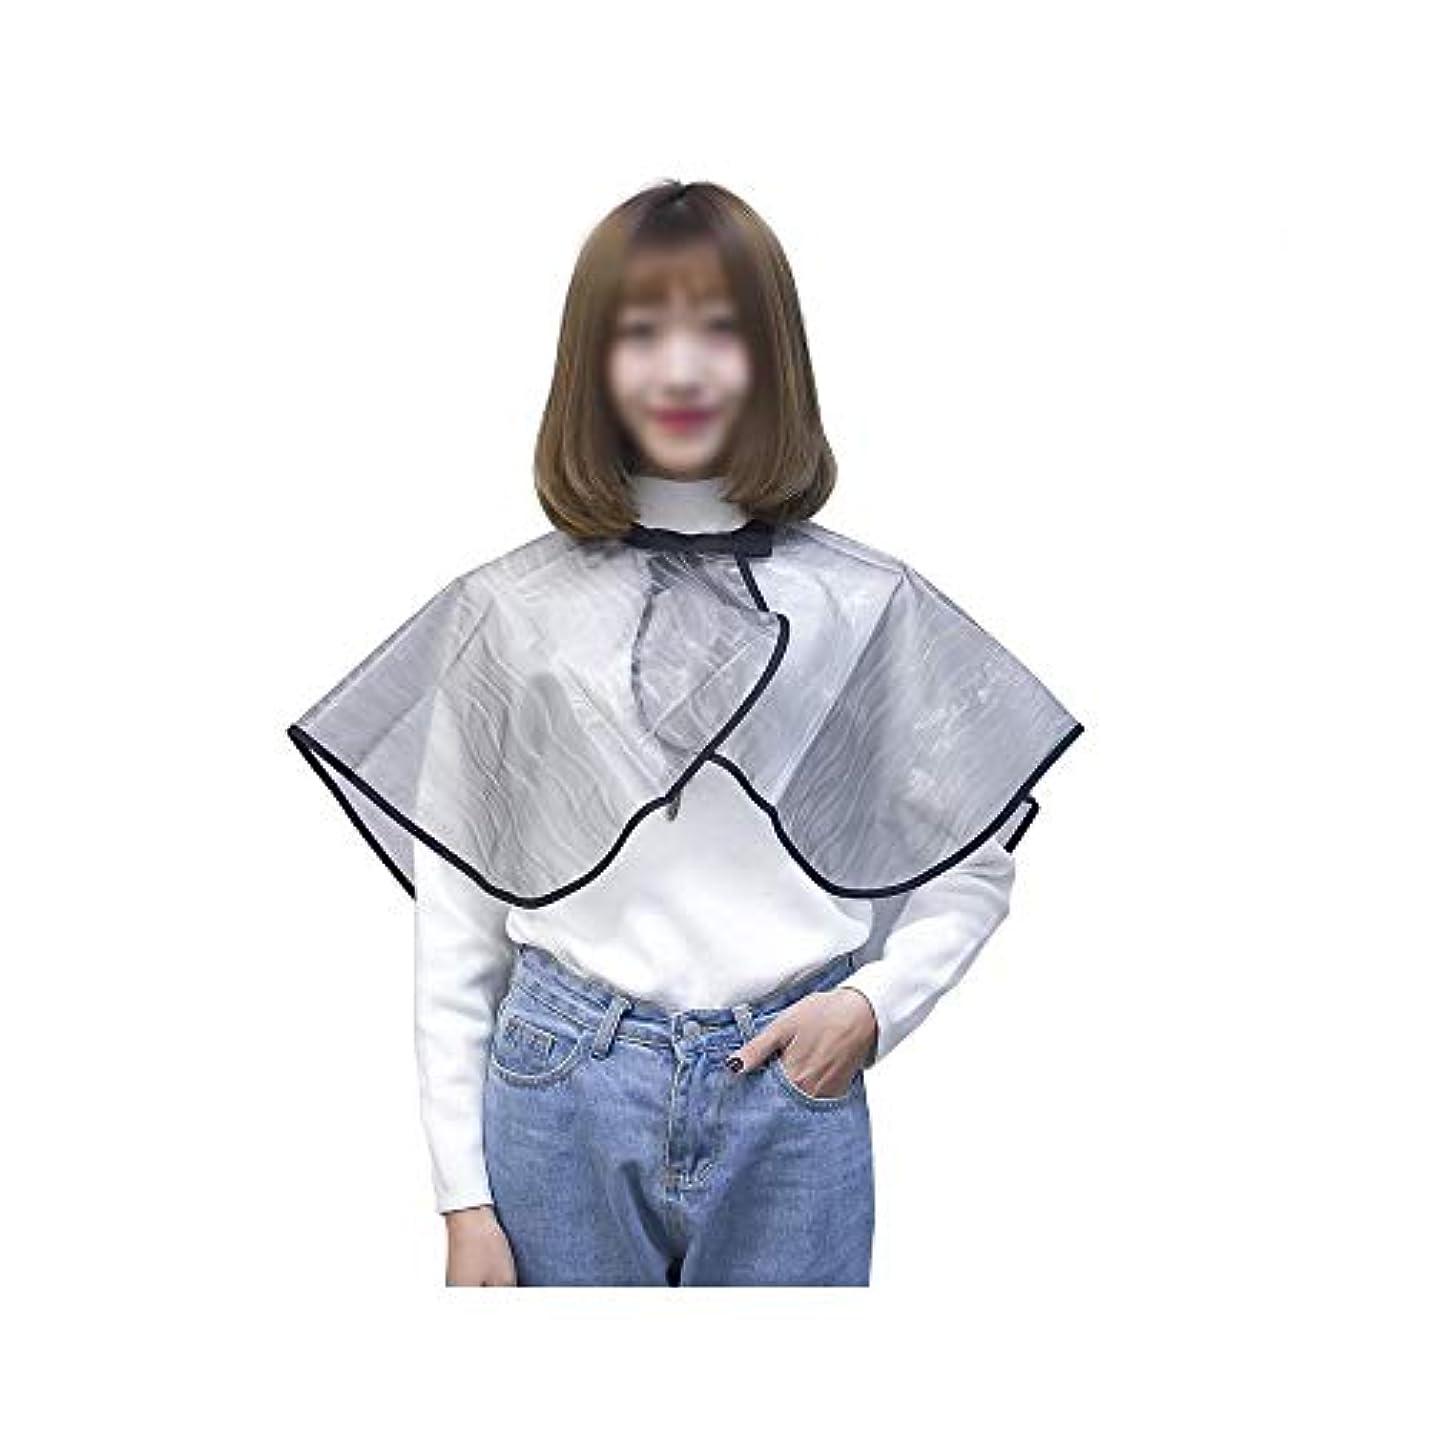 排気セミナーグレートバリアリーフLucy Day 透明な毛の切断のマントの傘の岬の大広間の理髪師の襟